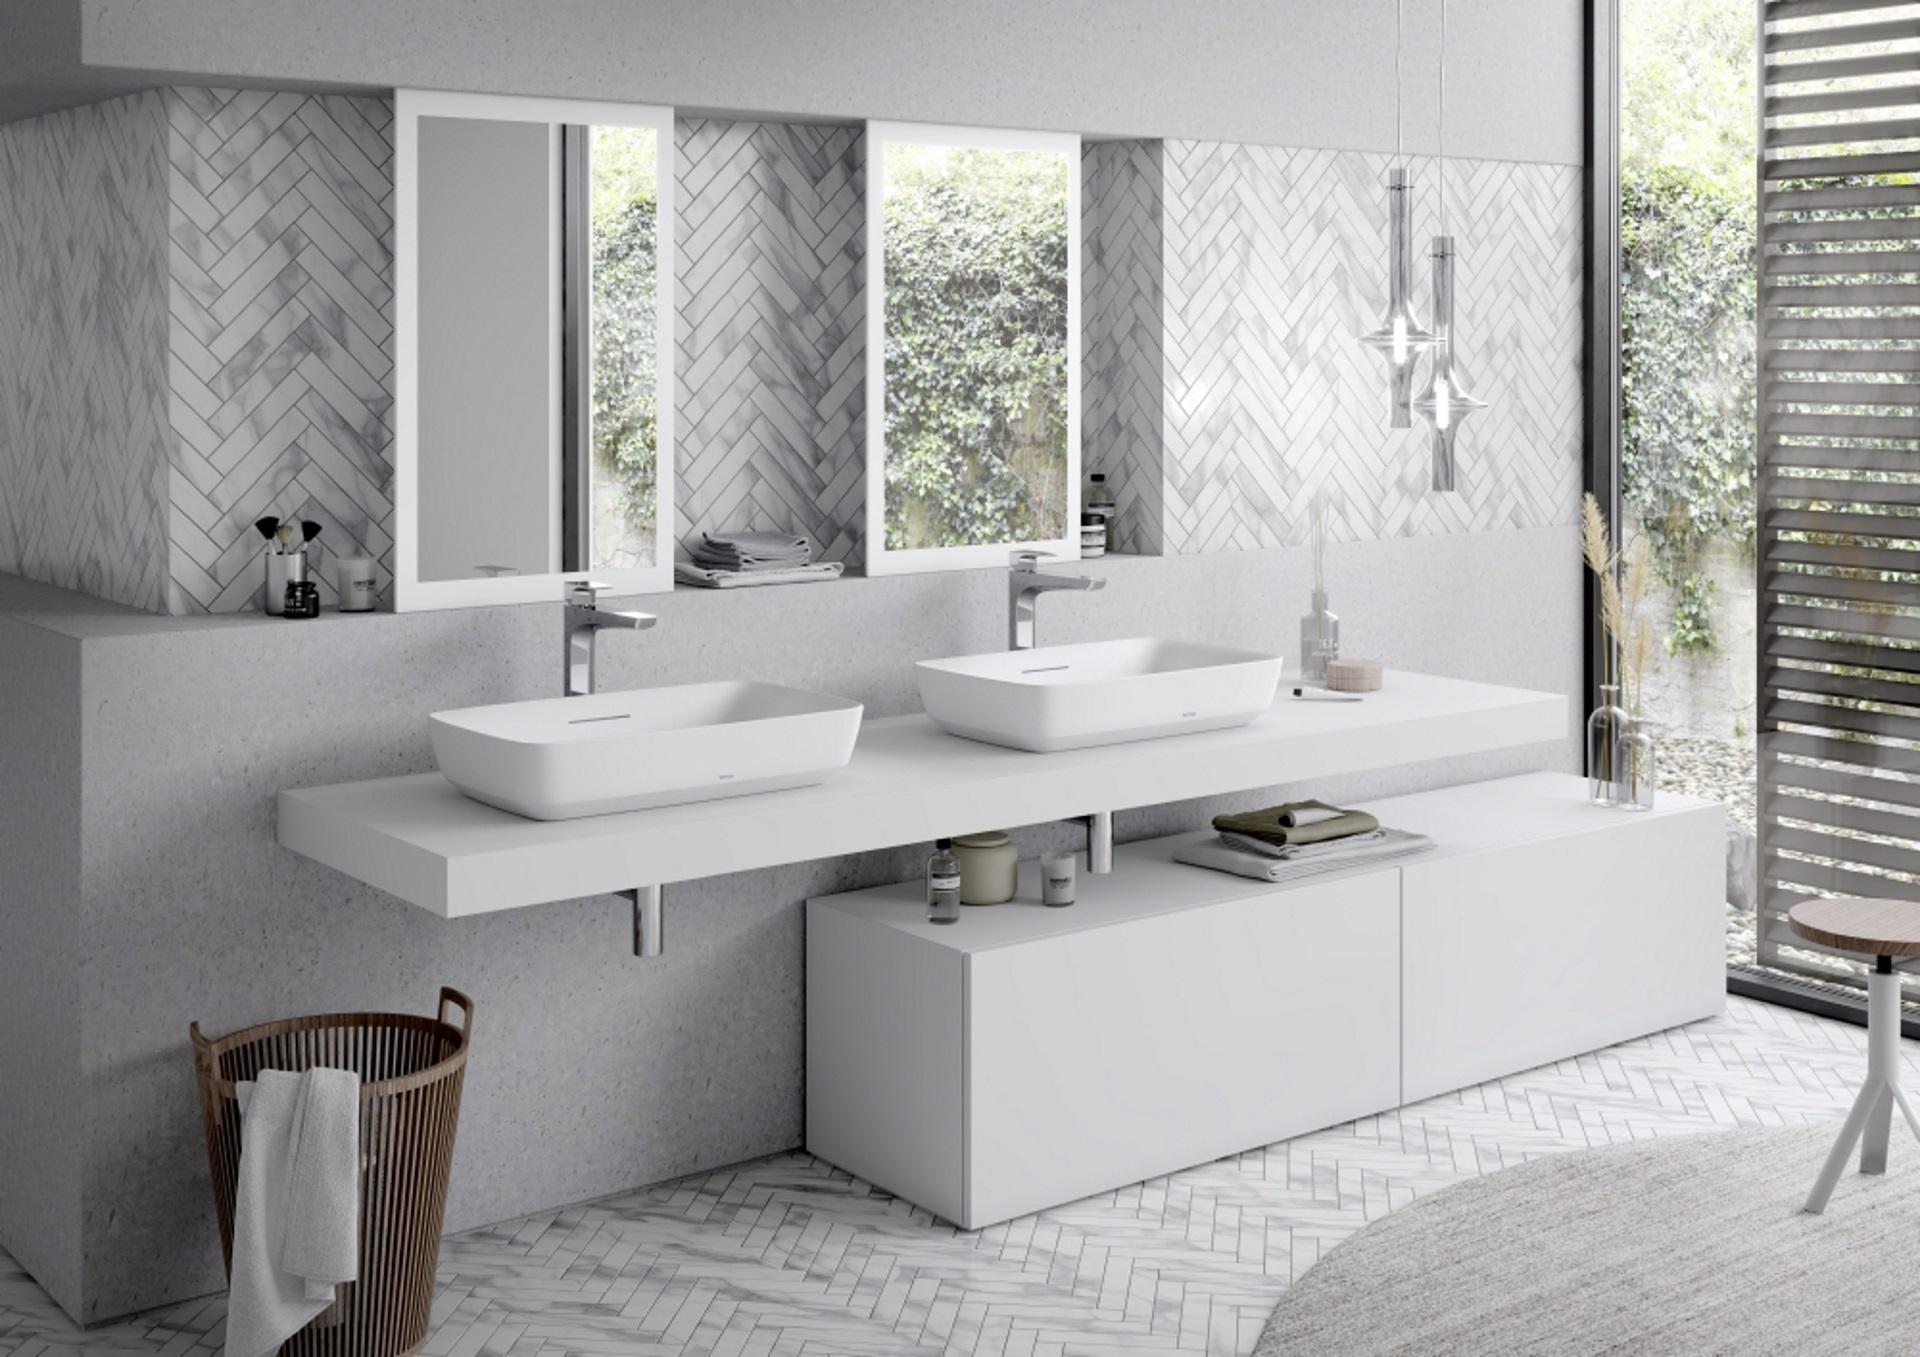 Abbildung klassisches Badezimmer von TOTO mit zwei Waschbecken